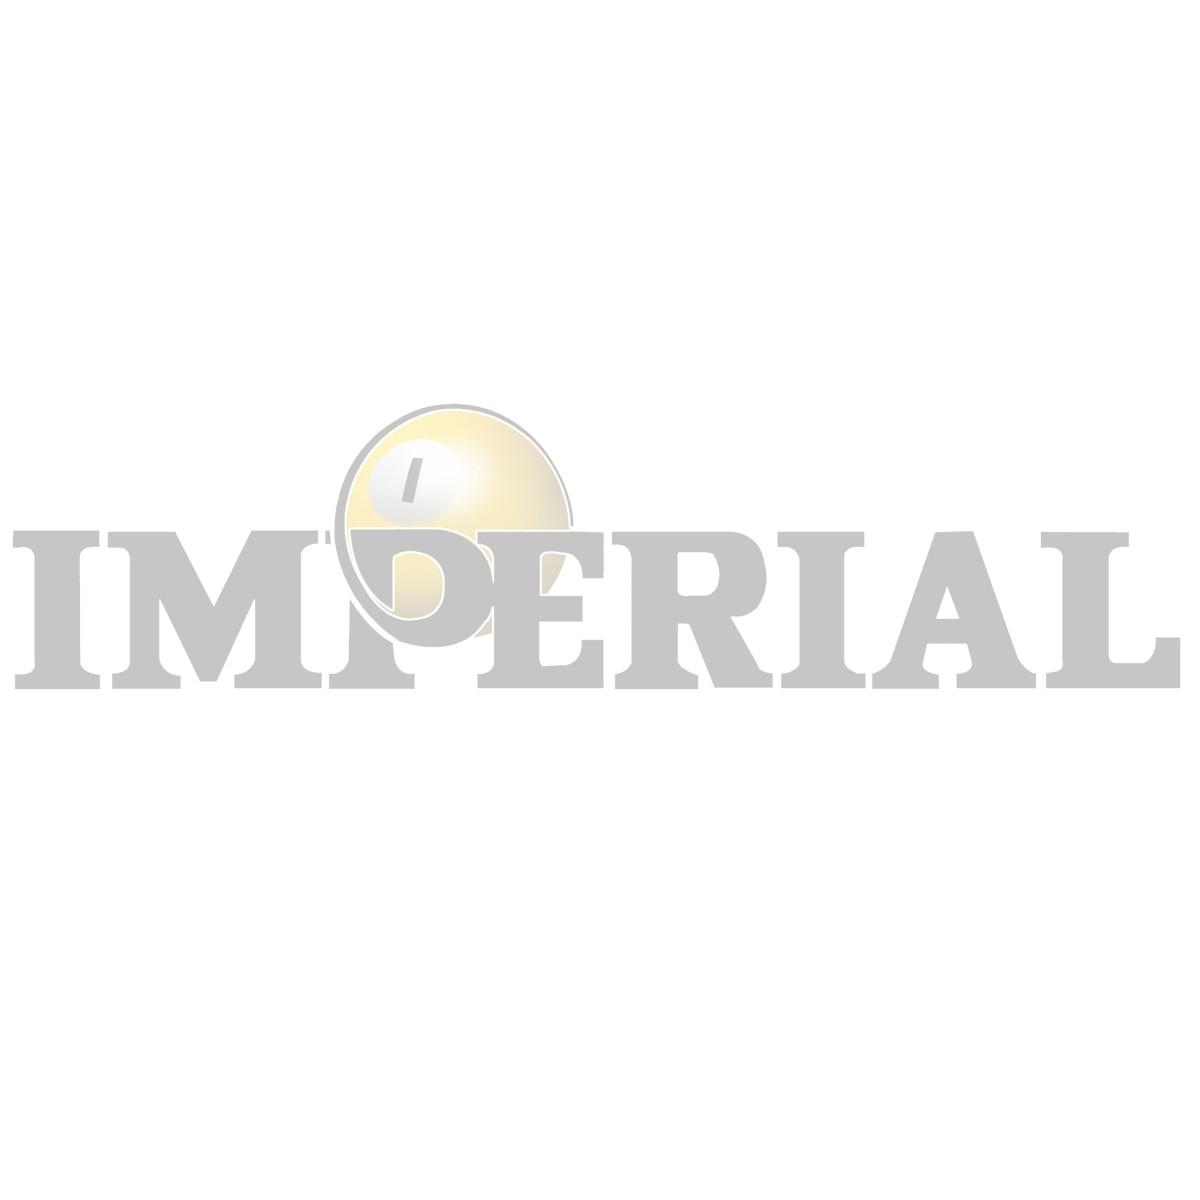 Tampa Bay Buccaneers Bar Height Directors Chair